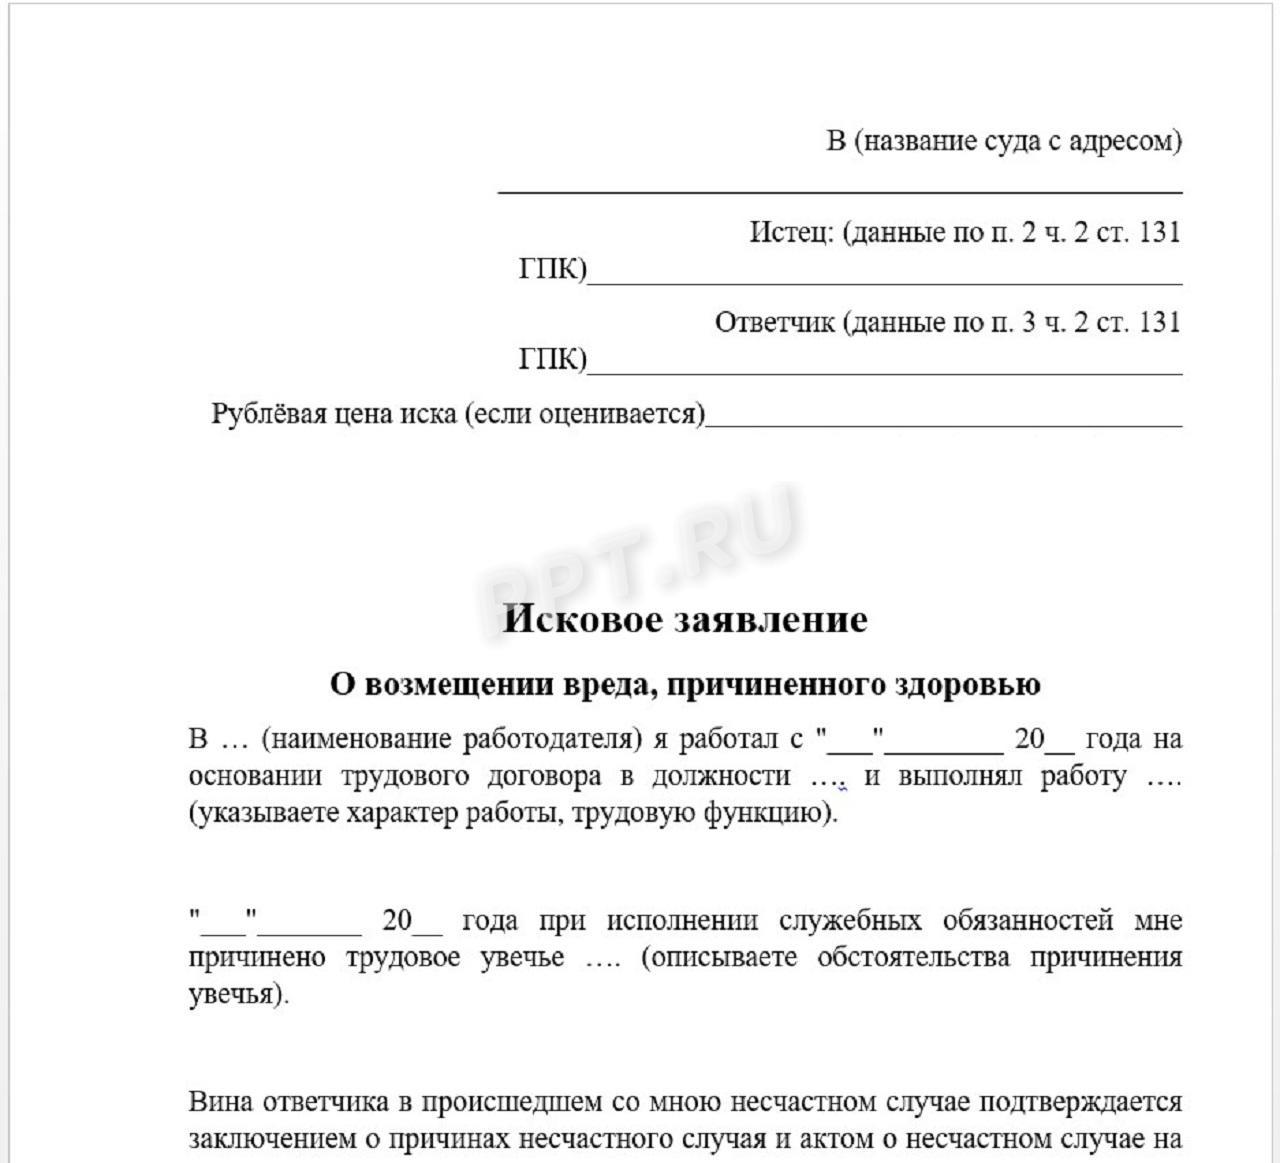 /fls/76502/iskovoye-zayavleniye-o-vozmeshchenii-vreda-prichinennogo-zdorovyu-rabotnika.jpg